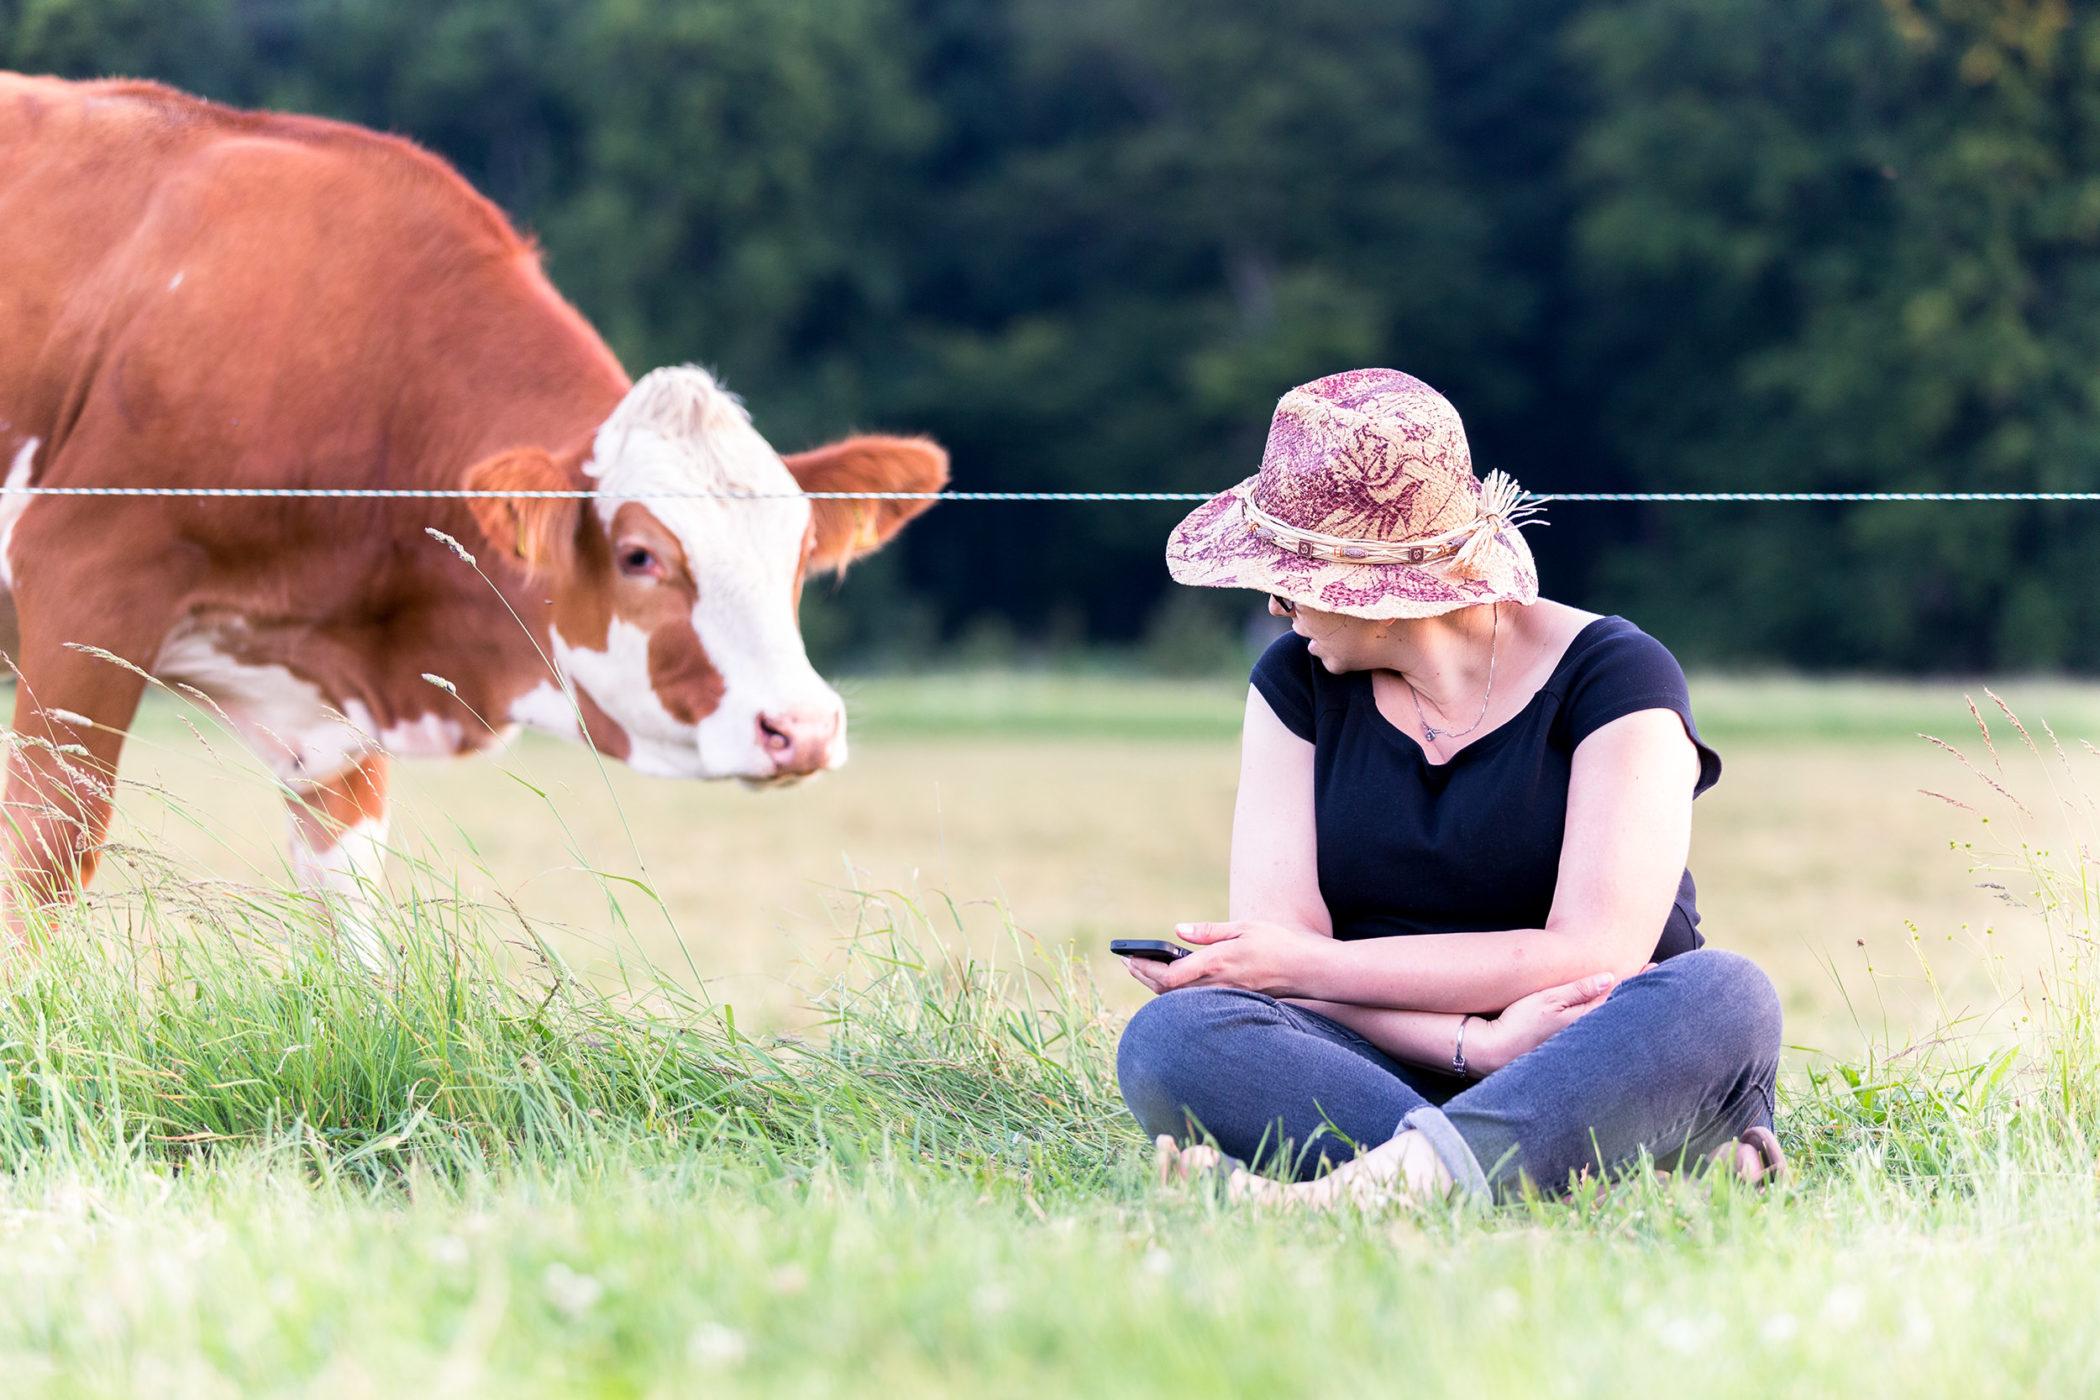 Frau mit Hut beobachtet und spricht mit einer Kuh.